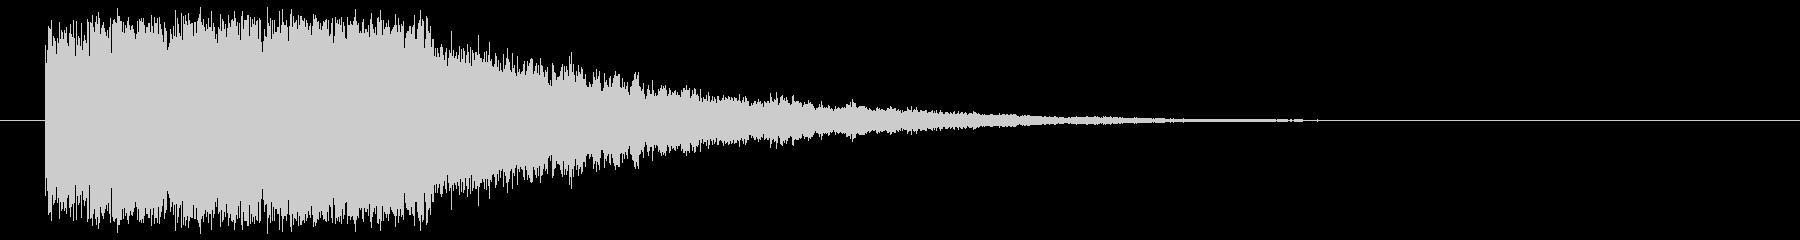 シューシュー(ワープ・移動)の未再生の波形